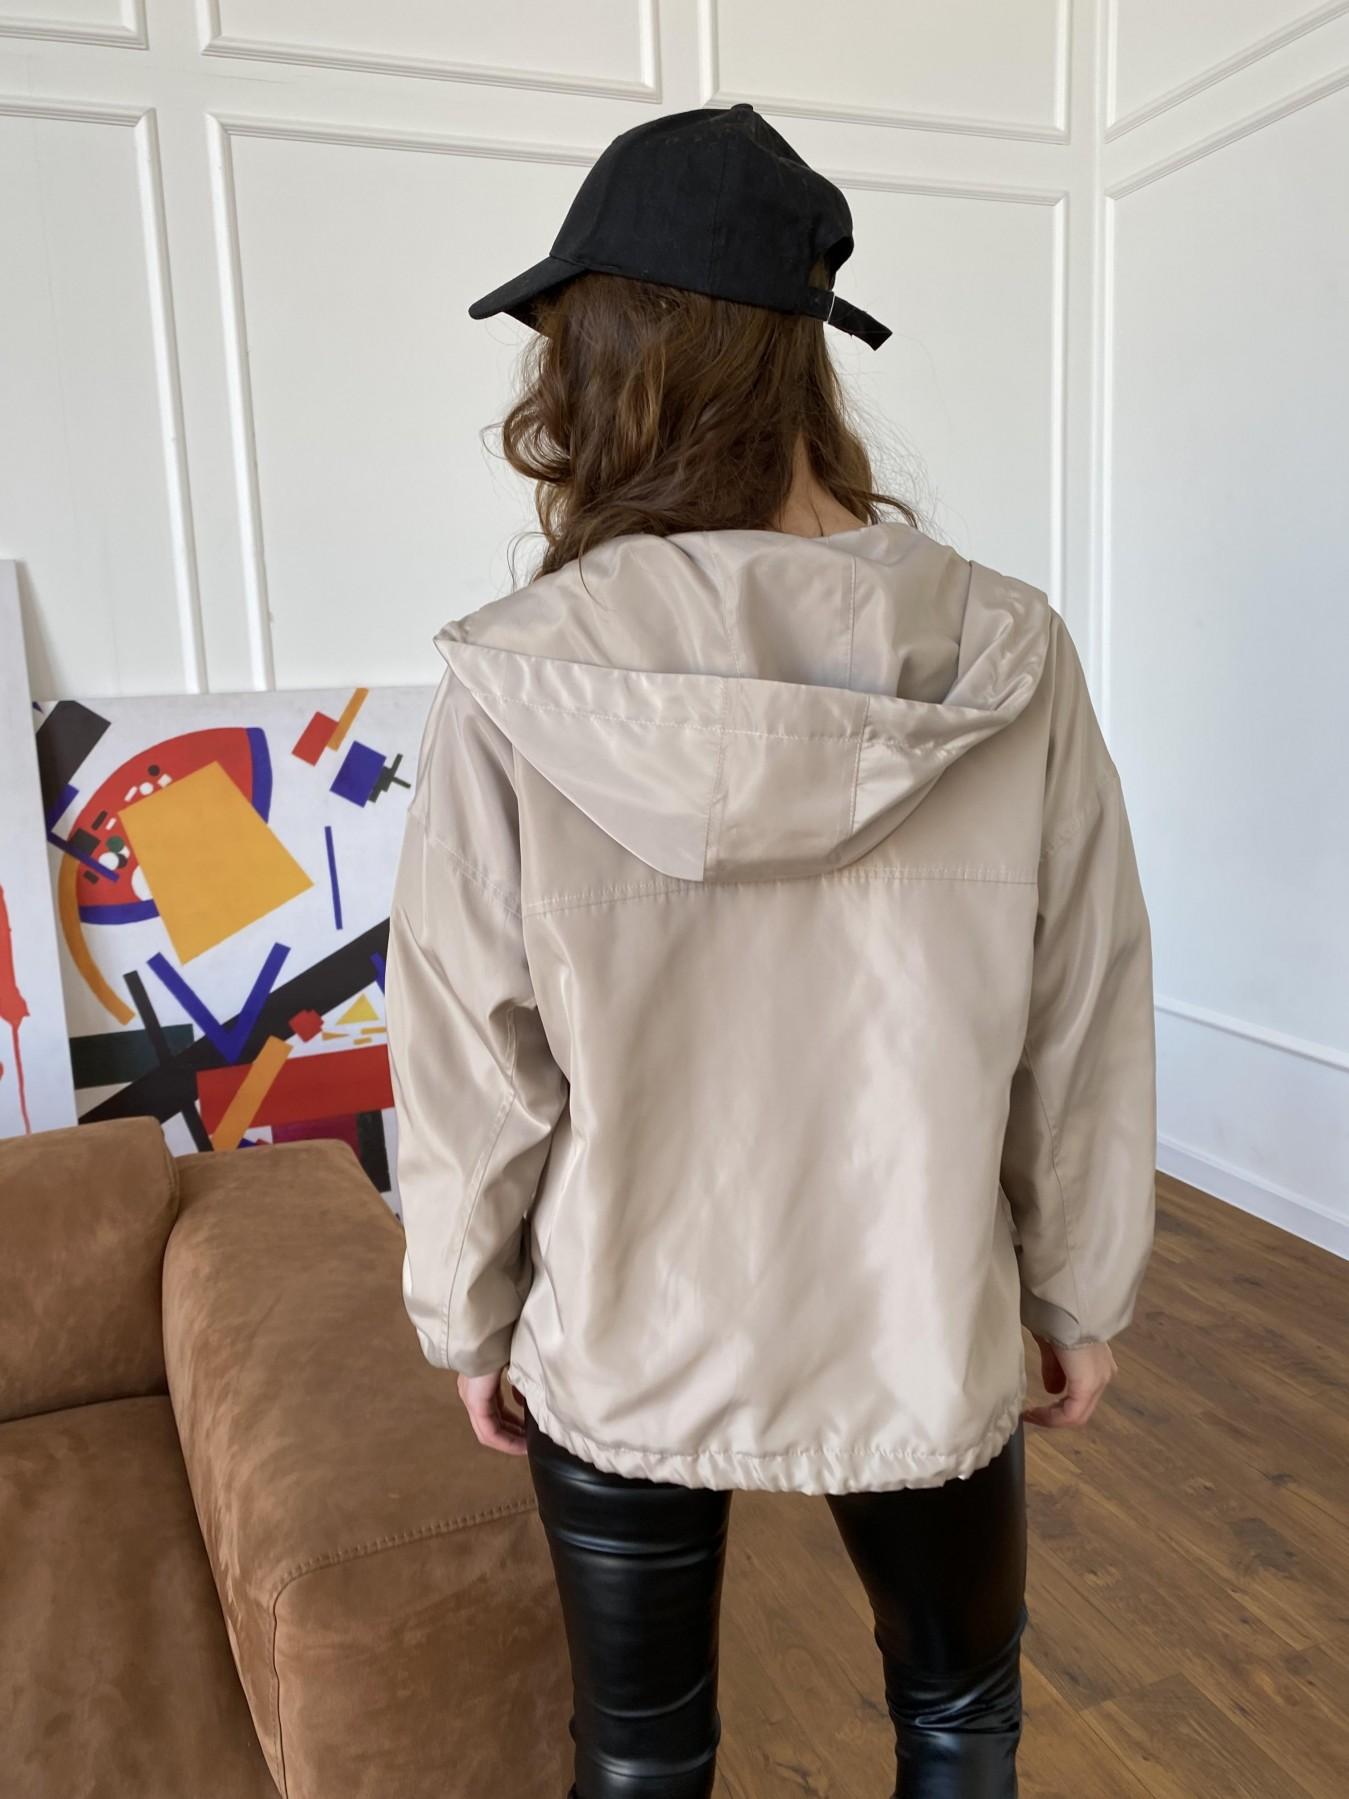 Фит куртка из плащевки Ammy 10971 АРТ. 47466 Цвет: Бежевый - фото 9, интернет магазин tm-modus.ru